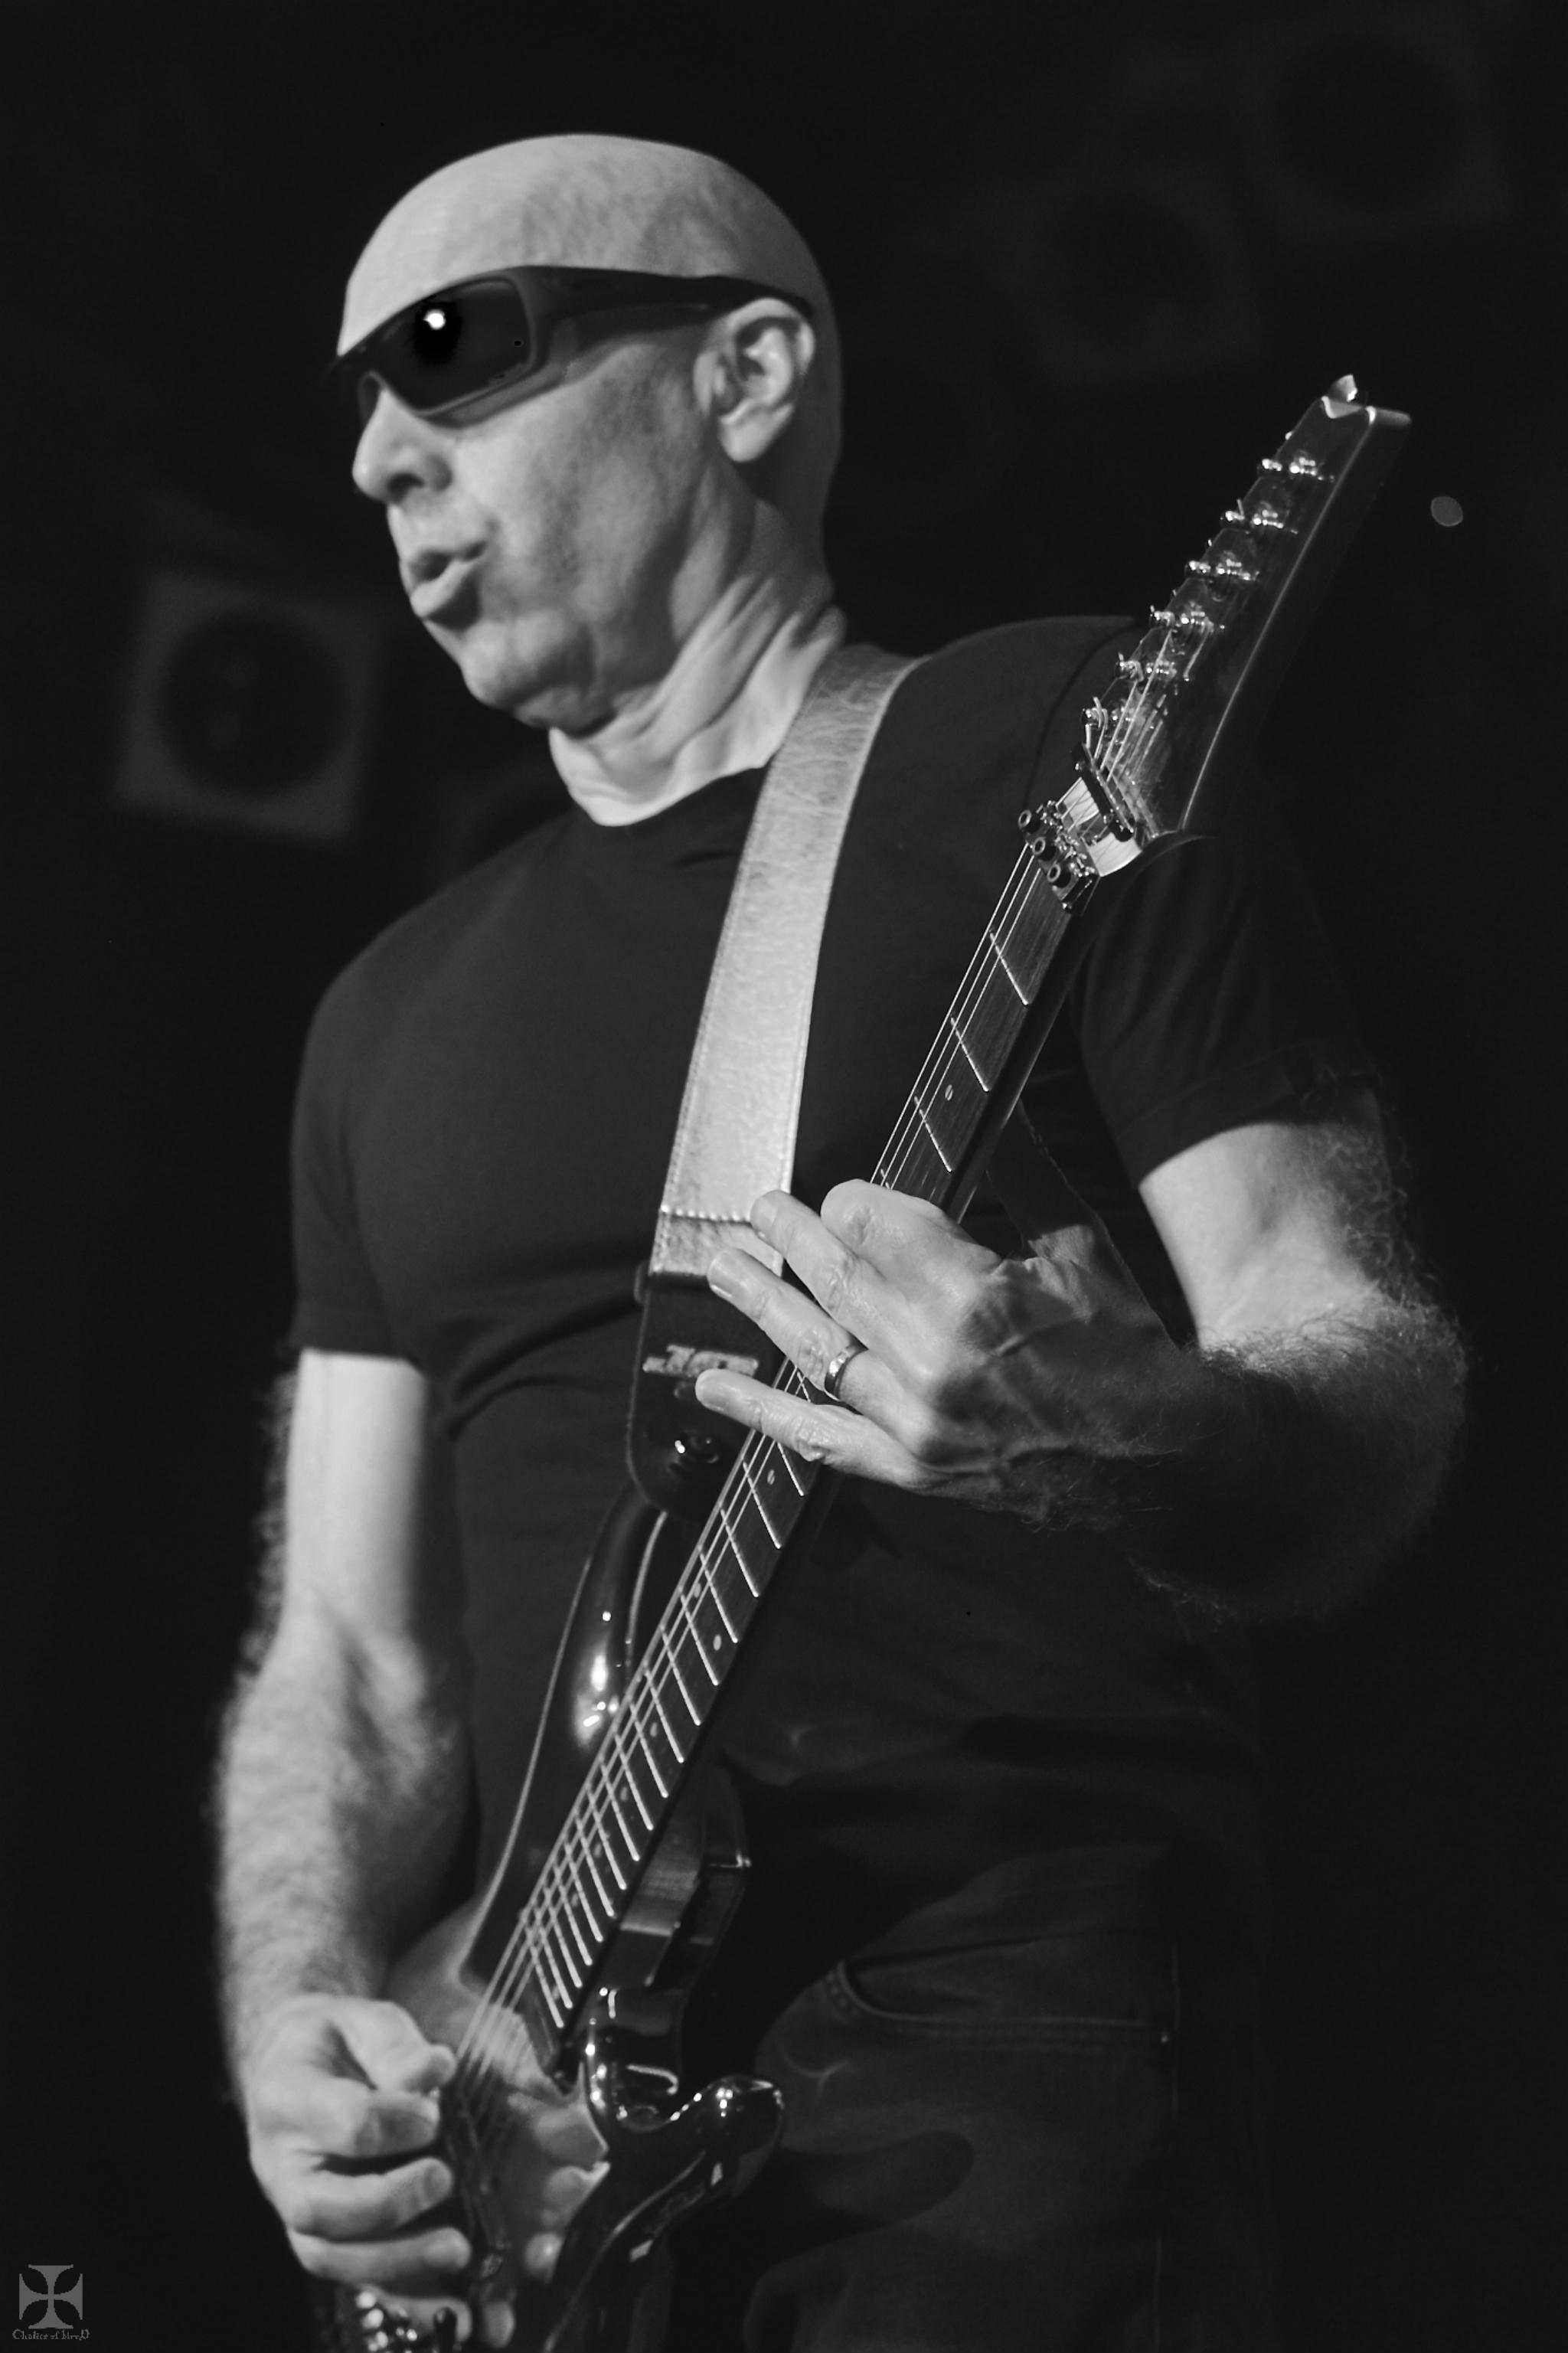 2018.12.04 Joe Satriani - DSCF6941_branded.jpg